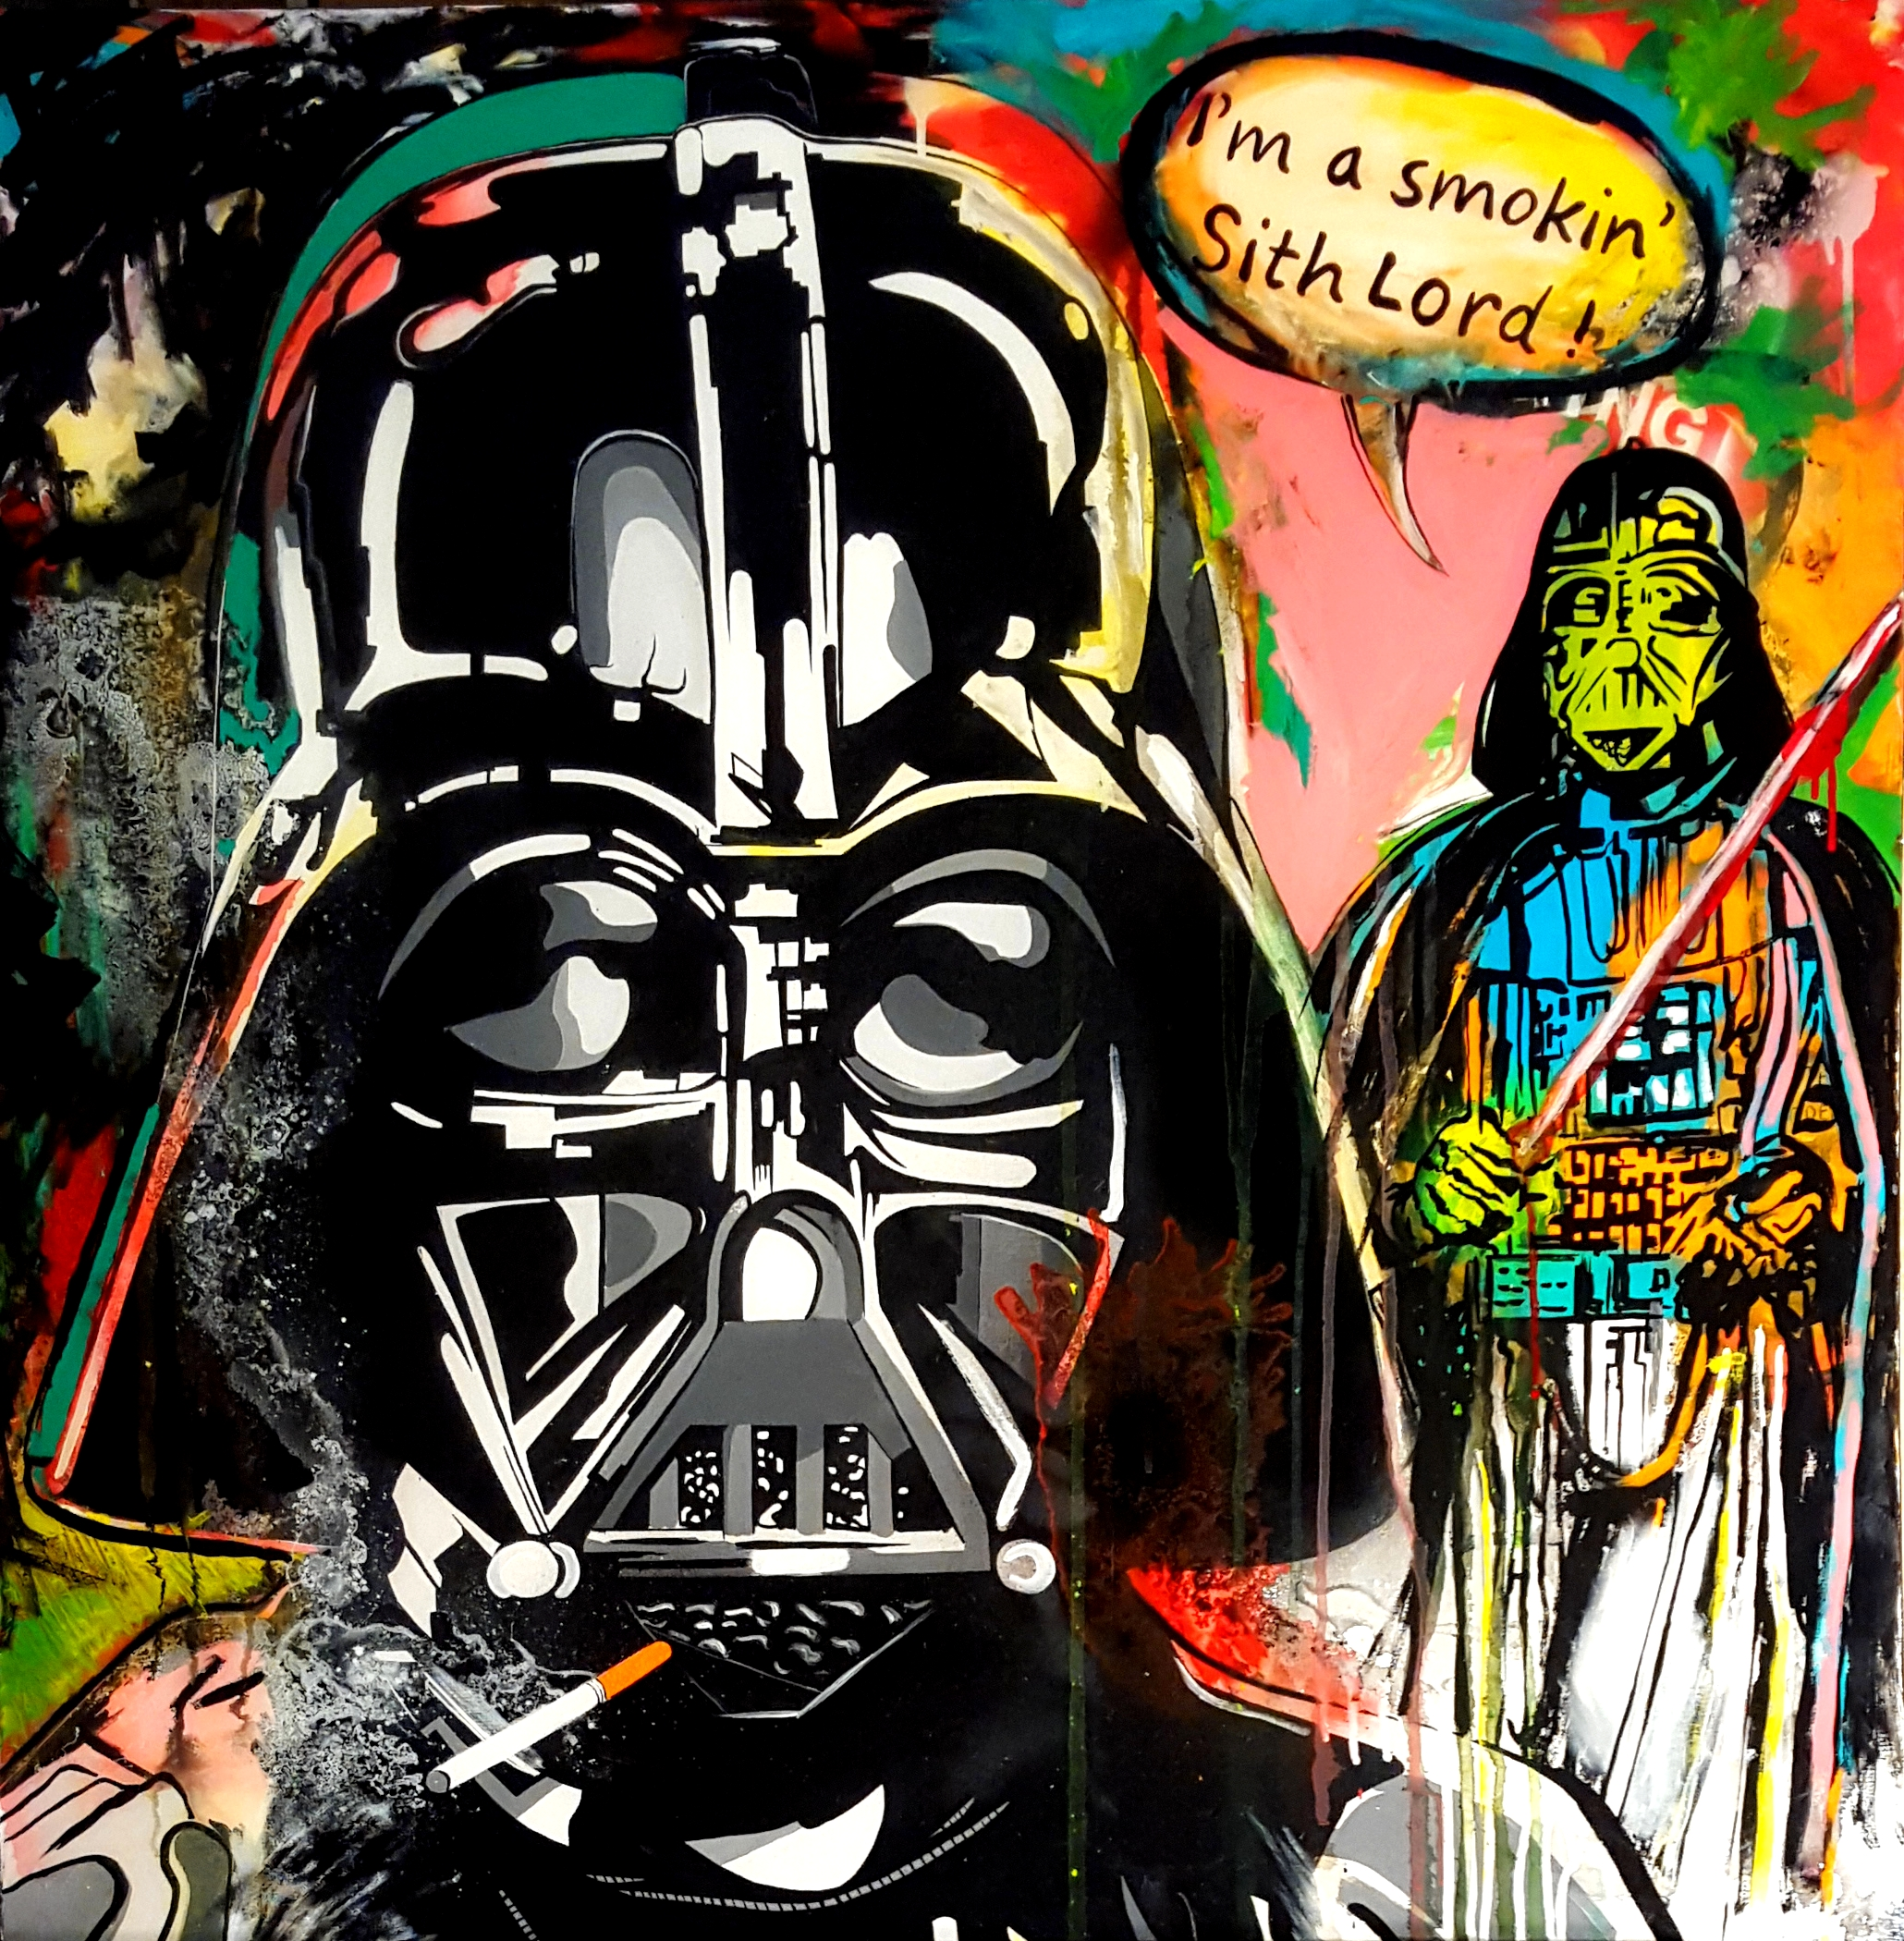 I'm a Smokin Sith Lord by Kathryn Gallagher.jpg